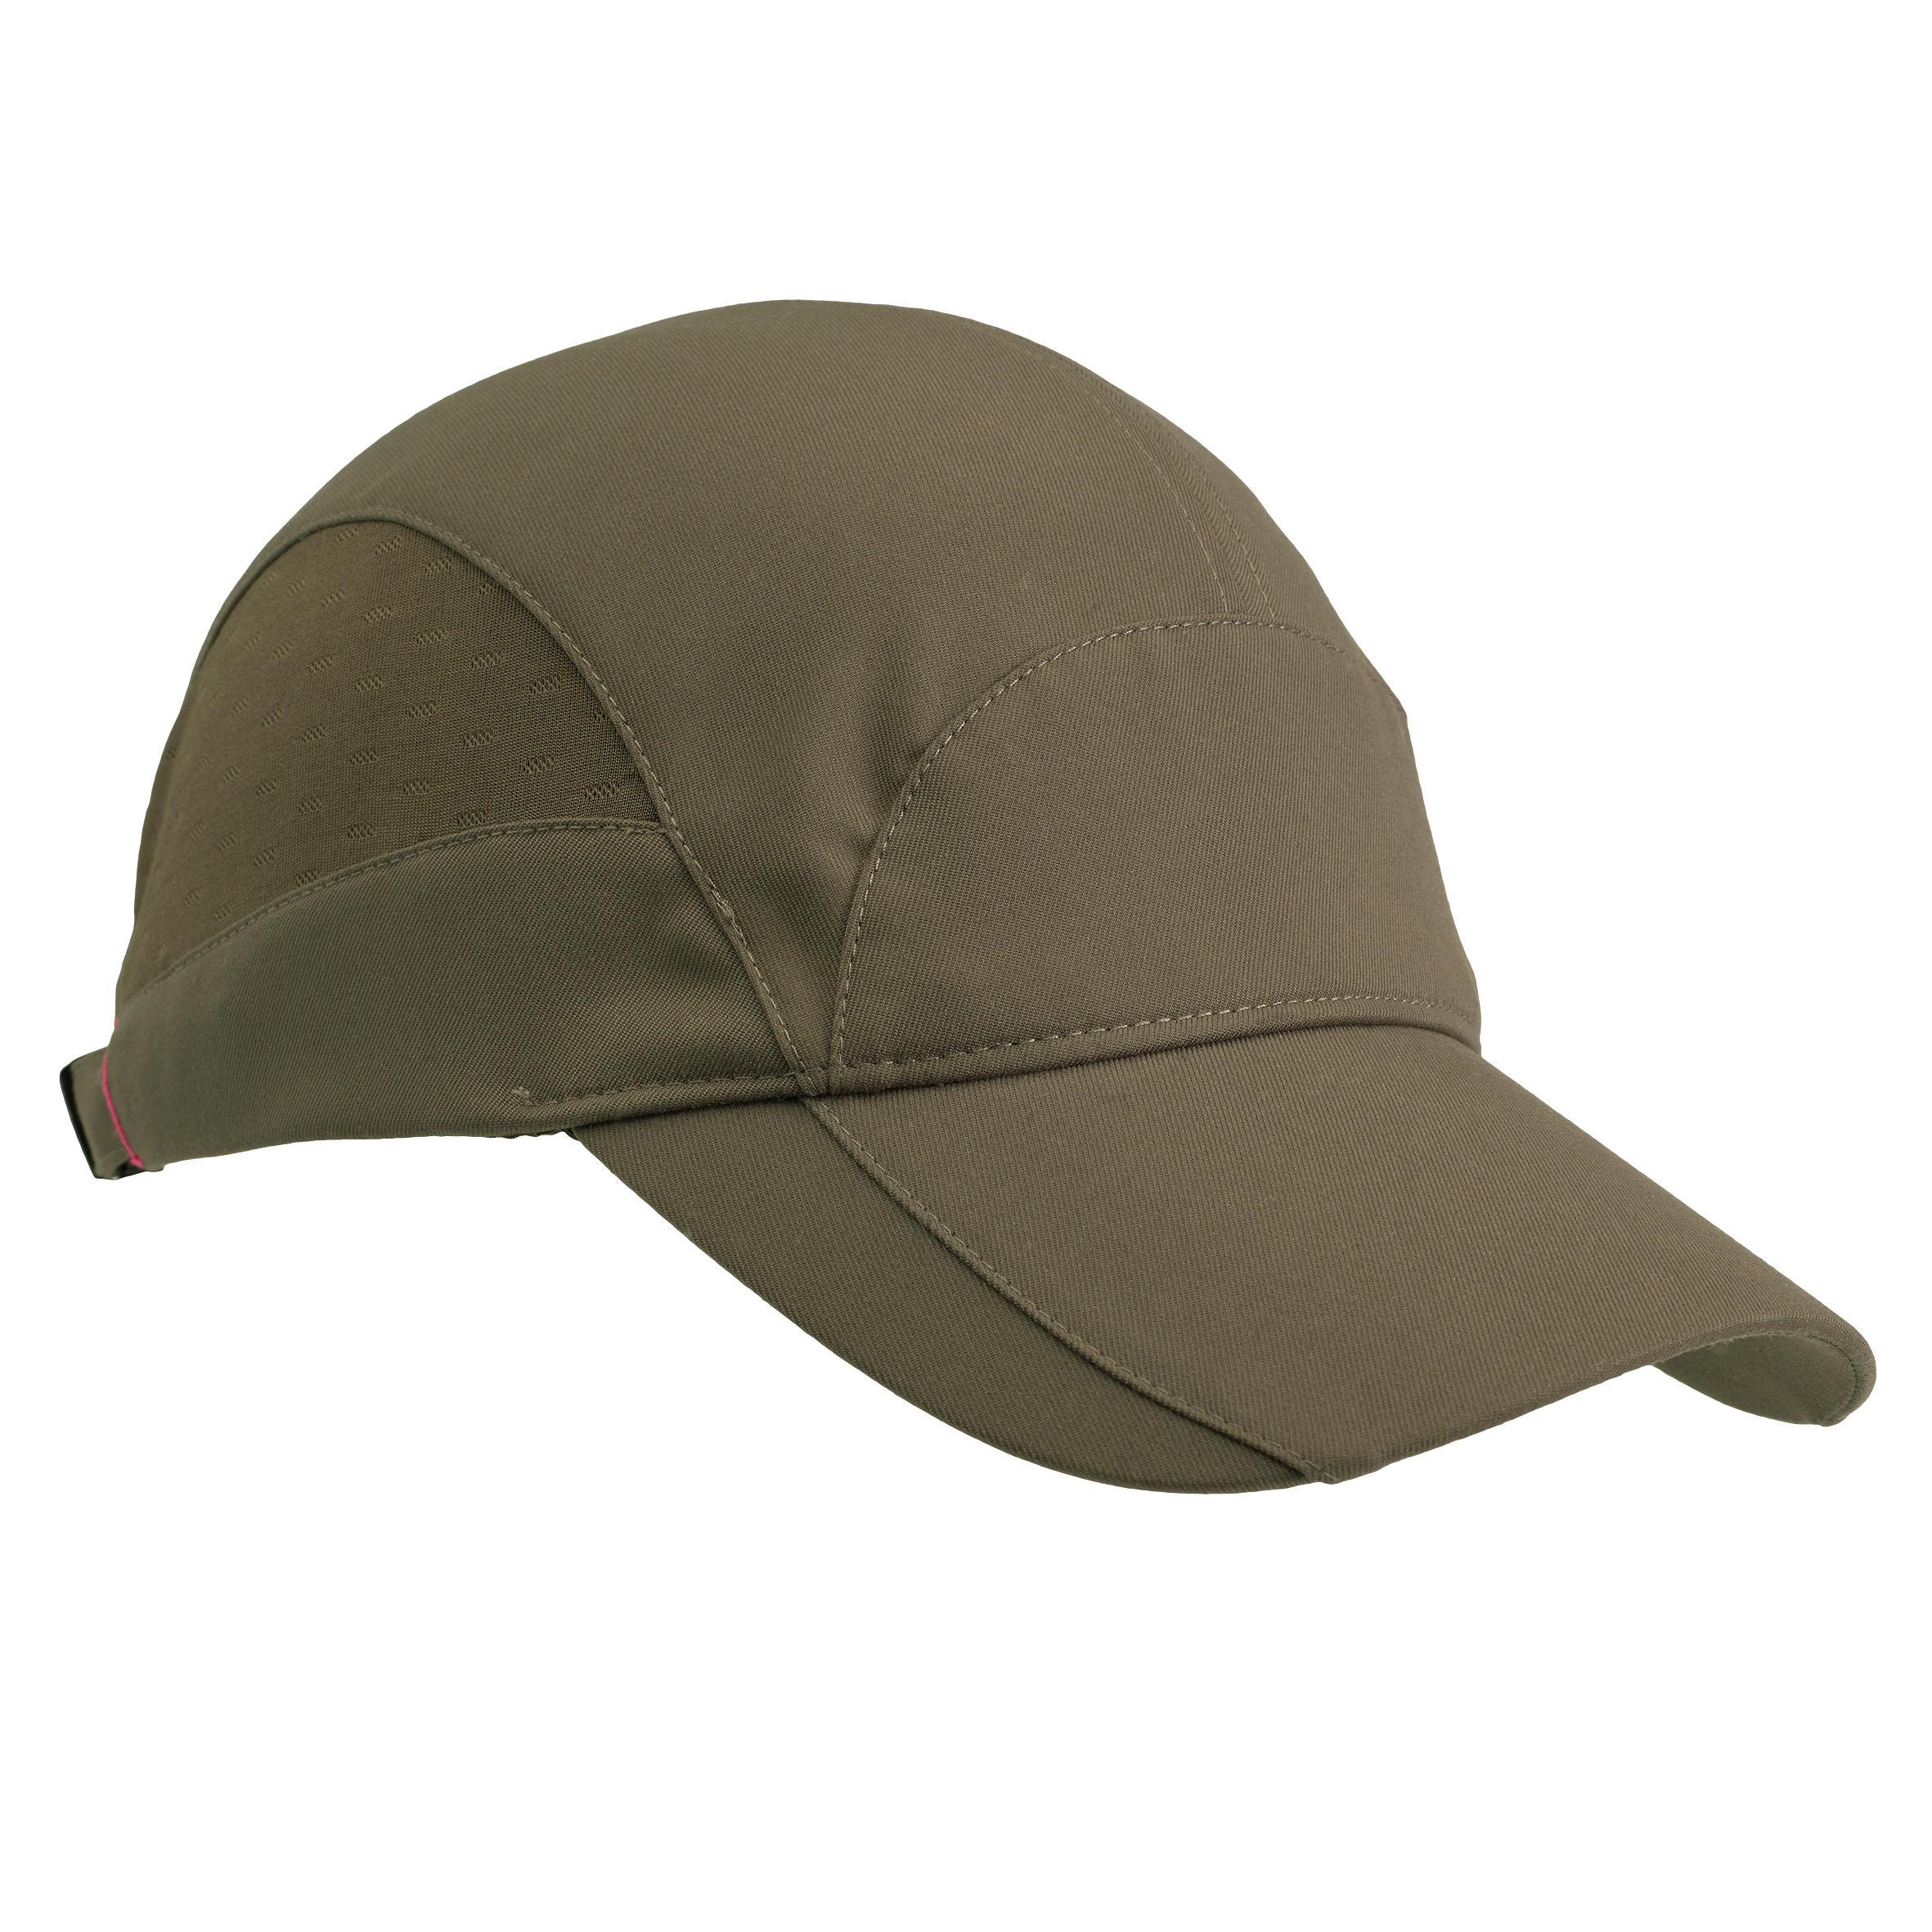 Șapcă Vânătoare 500 maro Damă imagine